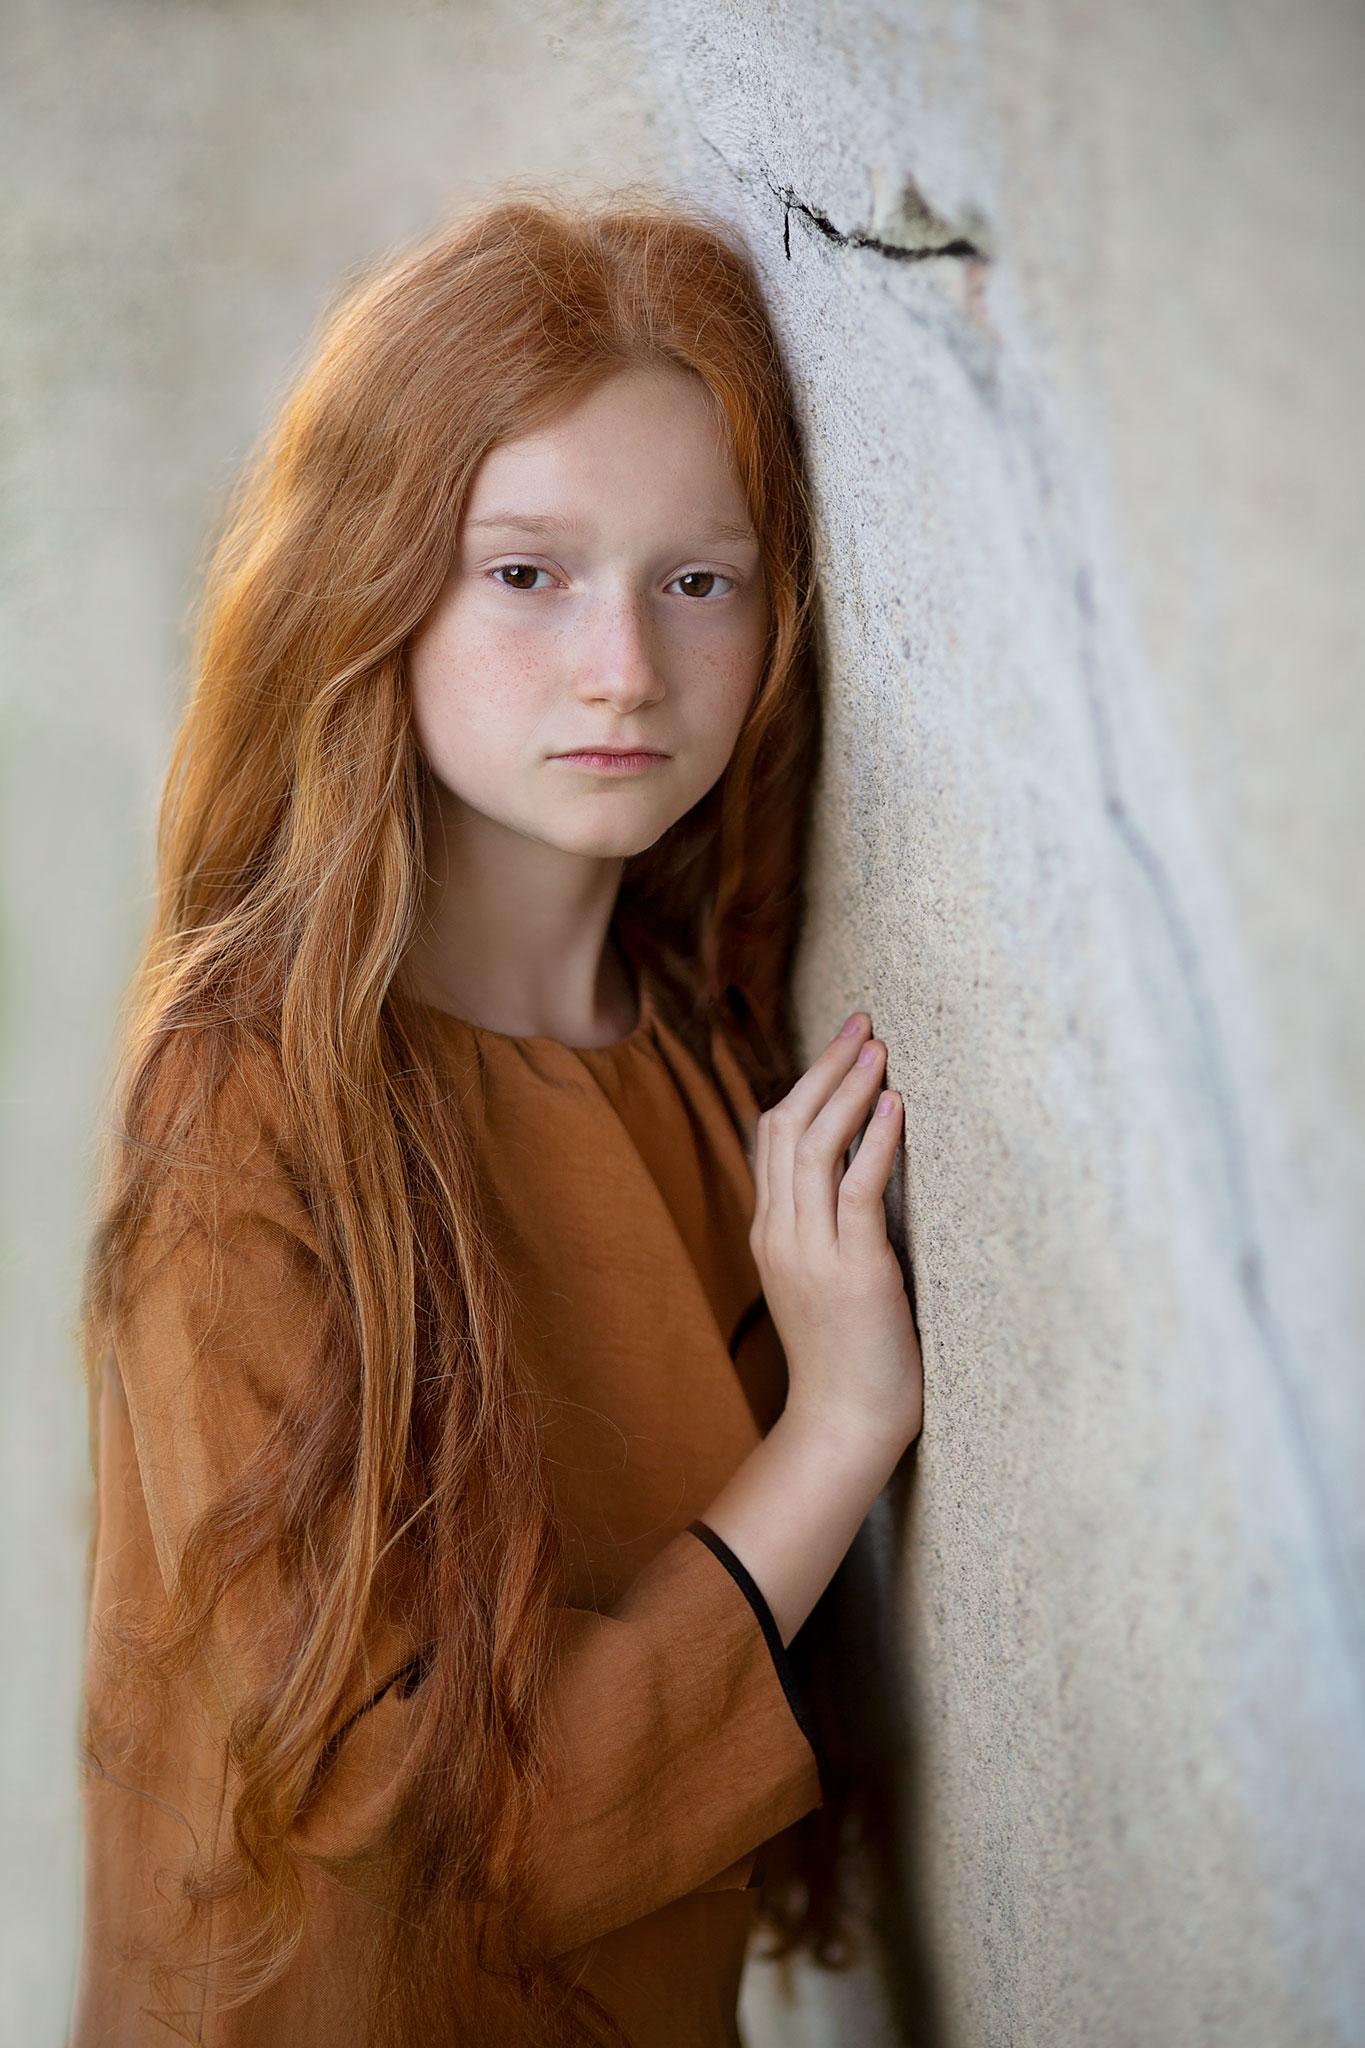 Artystyczna sesja dziecięca / Fotografia portretowa / Rude jest piękne / Gdańsk